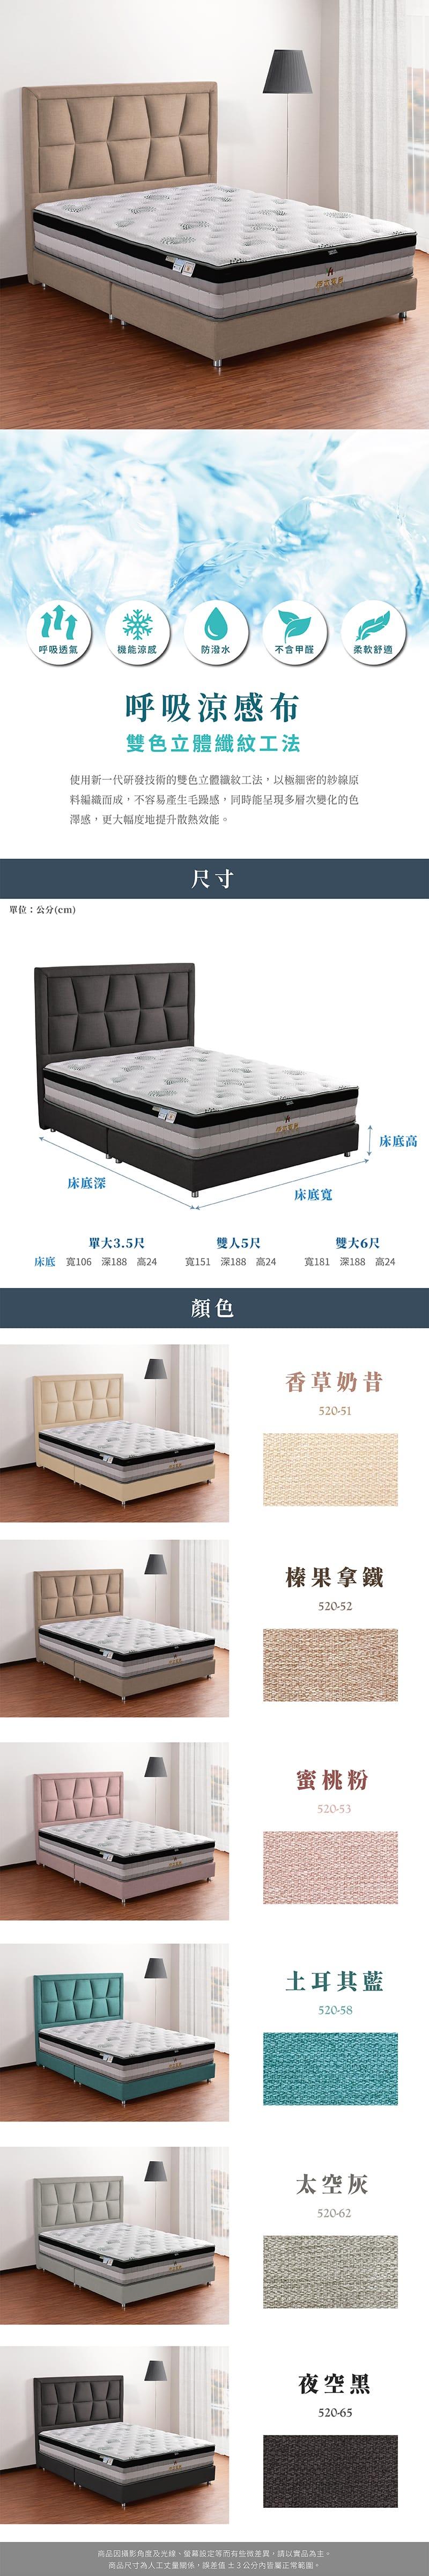 米德 涼感布床架 雙人加大6尺